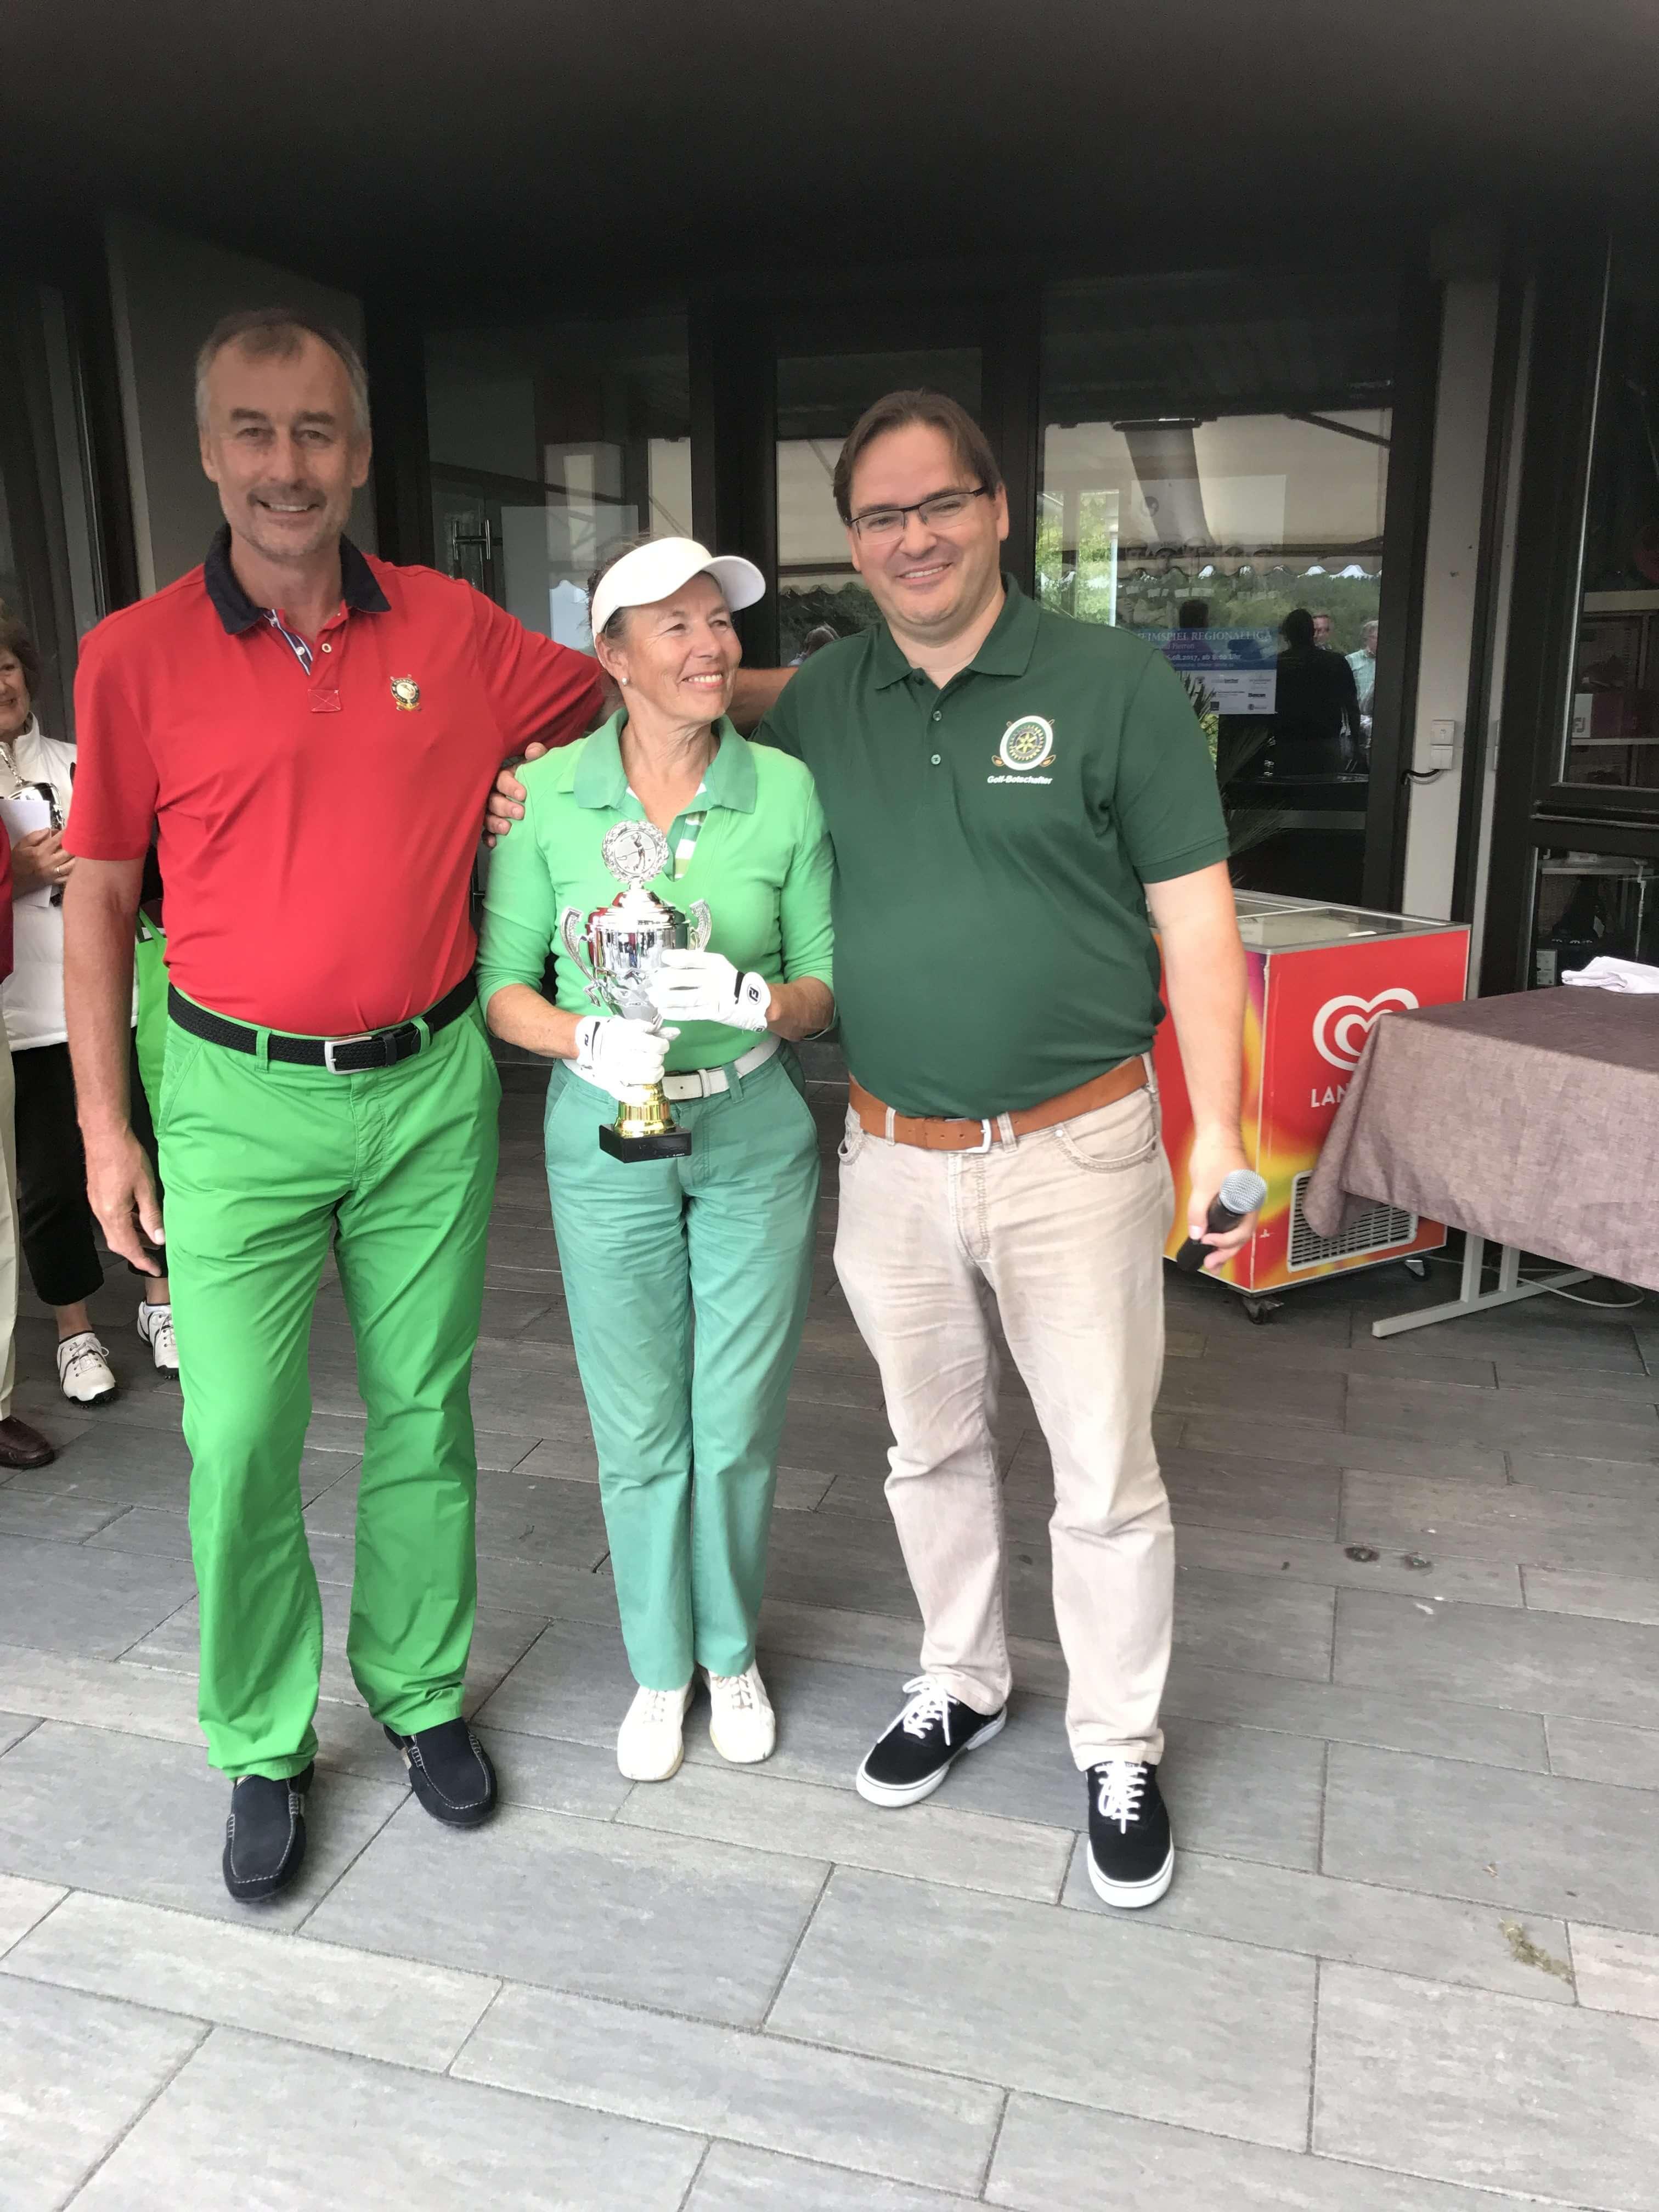 Elke Helbig, 3. Platz Brutto Damen nach Stechen mit den Vorstandsmitgliedern Wolfram Benesch, Thomas Hasak